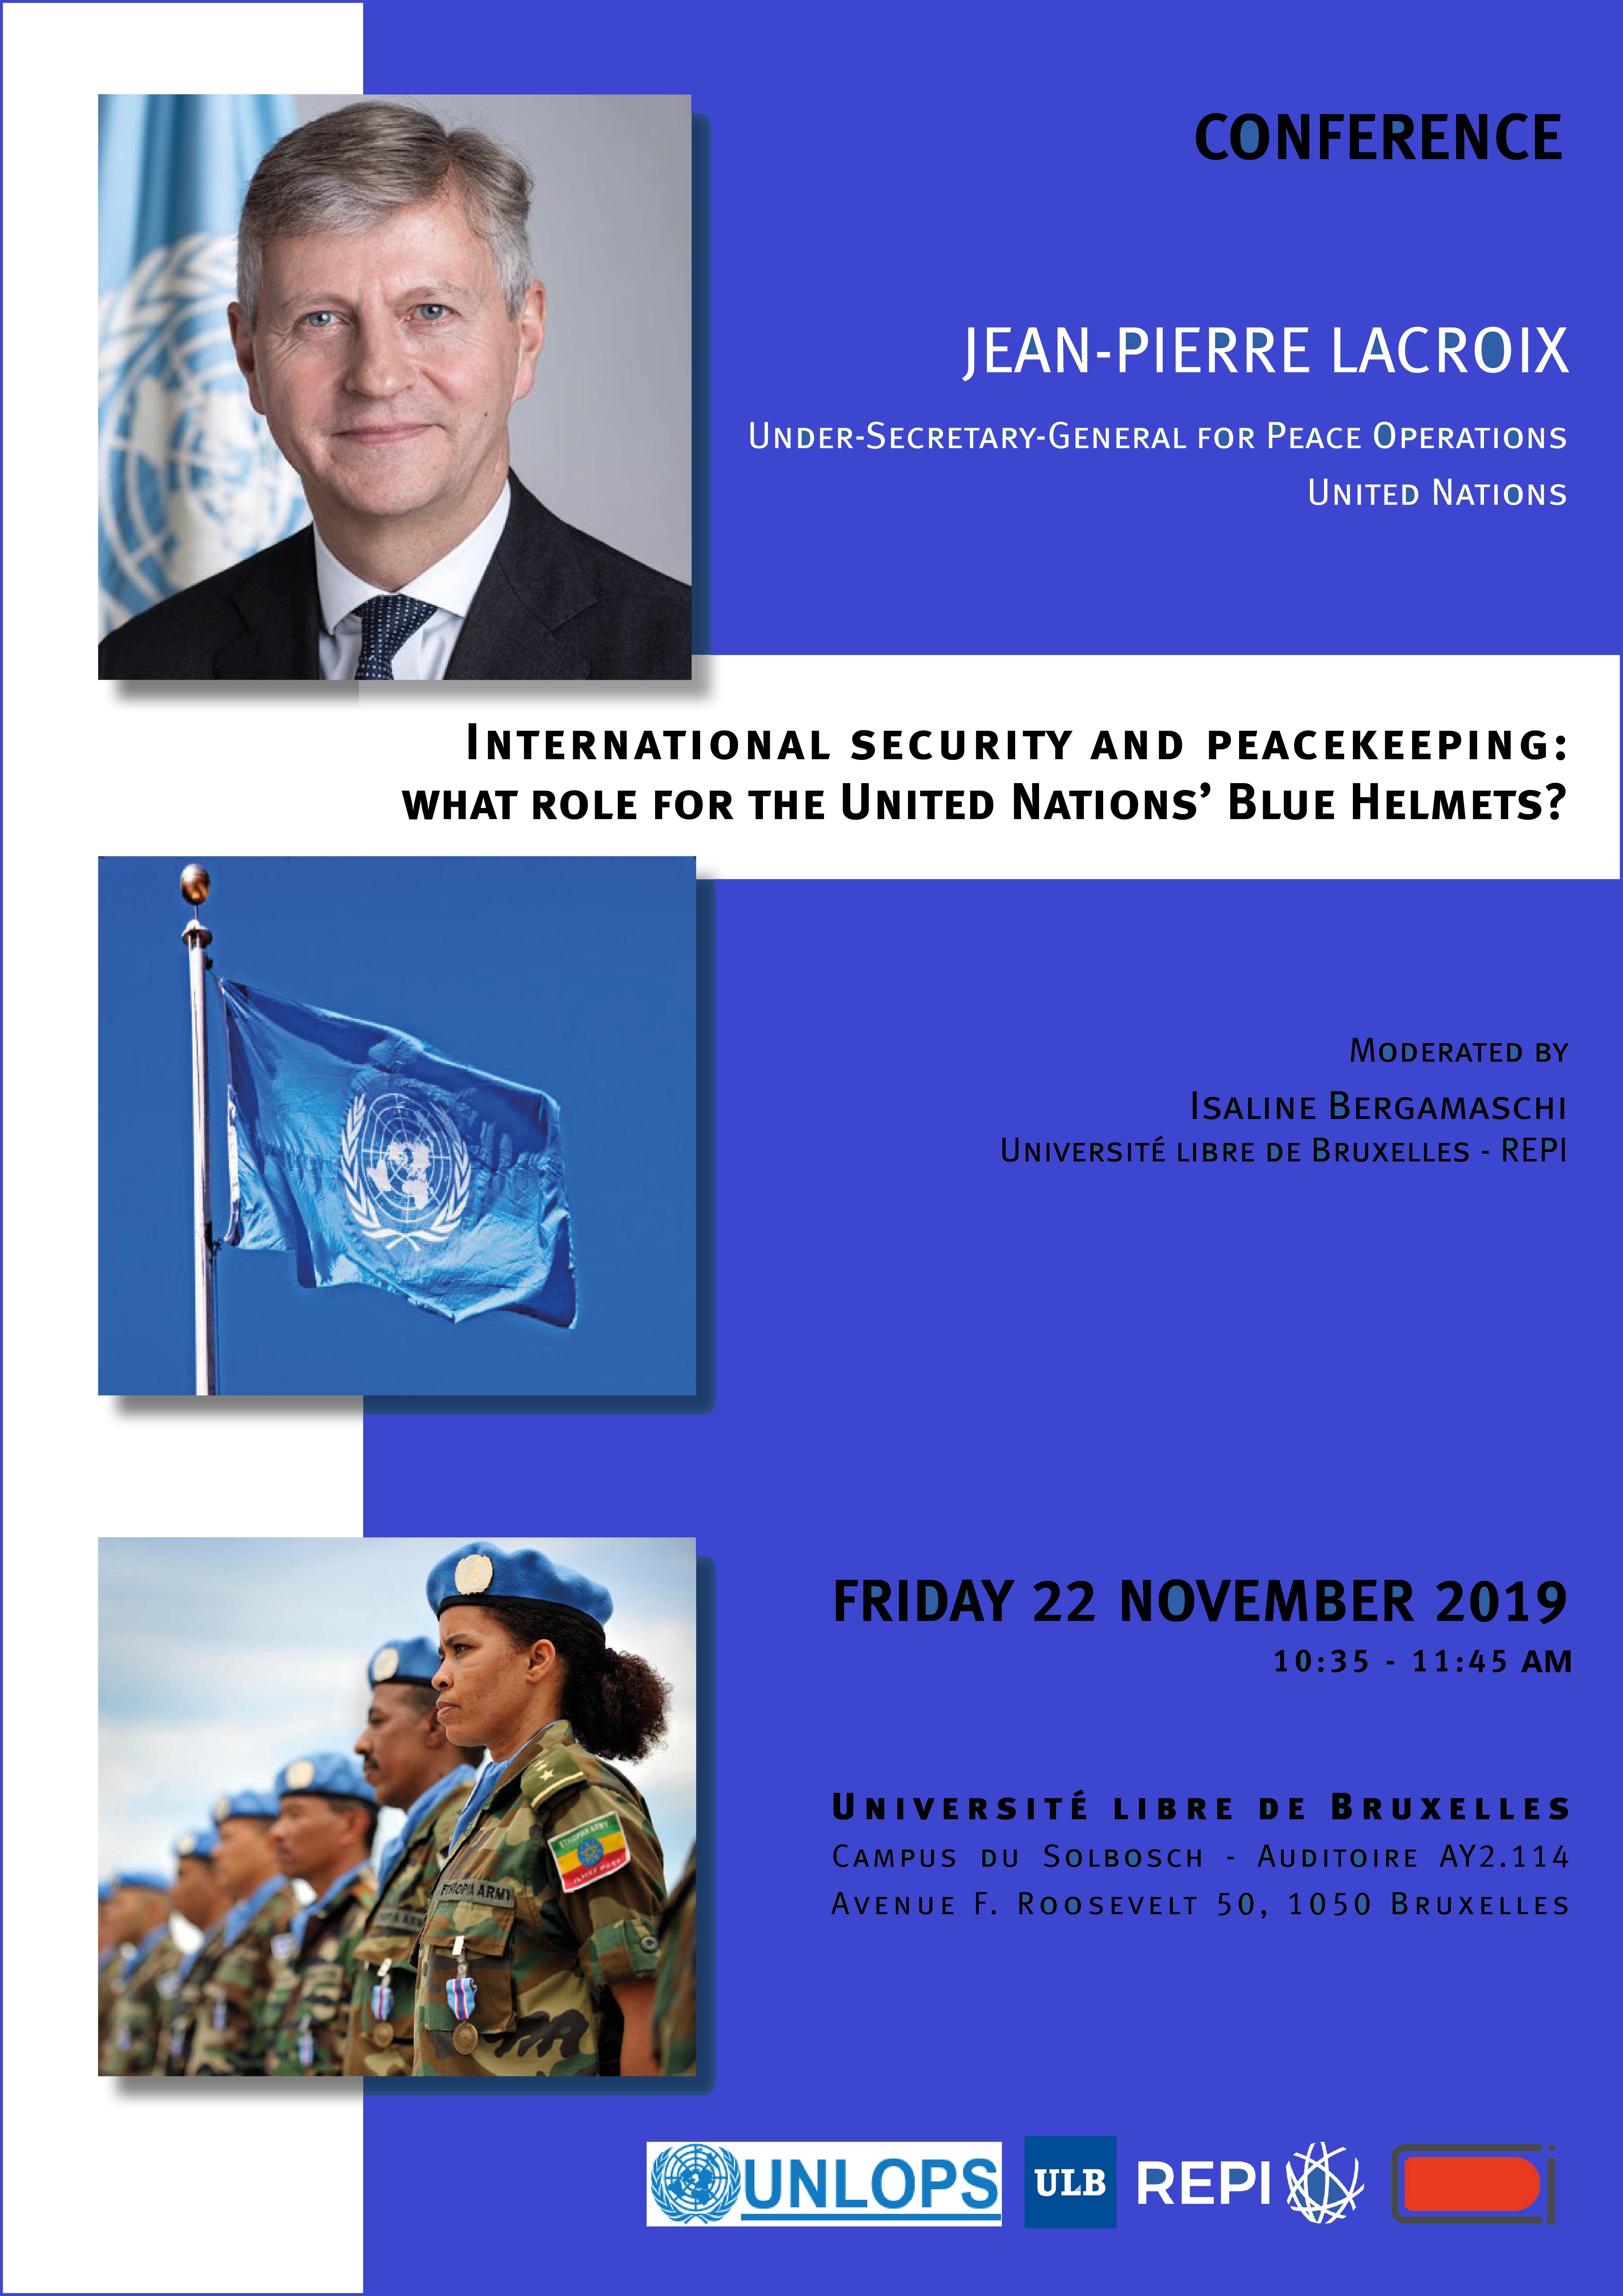 USG Lacroix - Conference 22 November - ULB